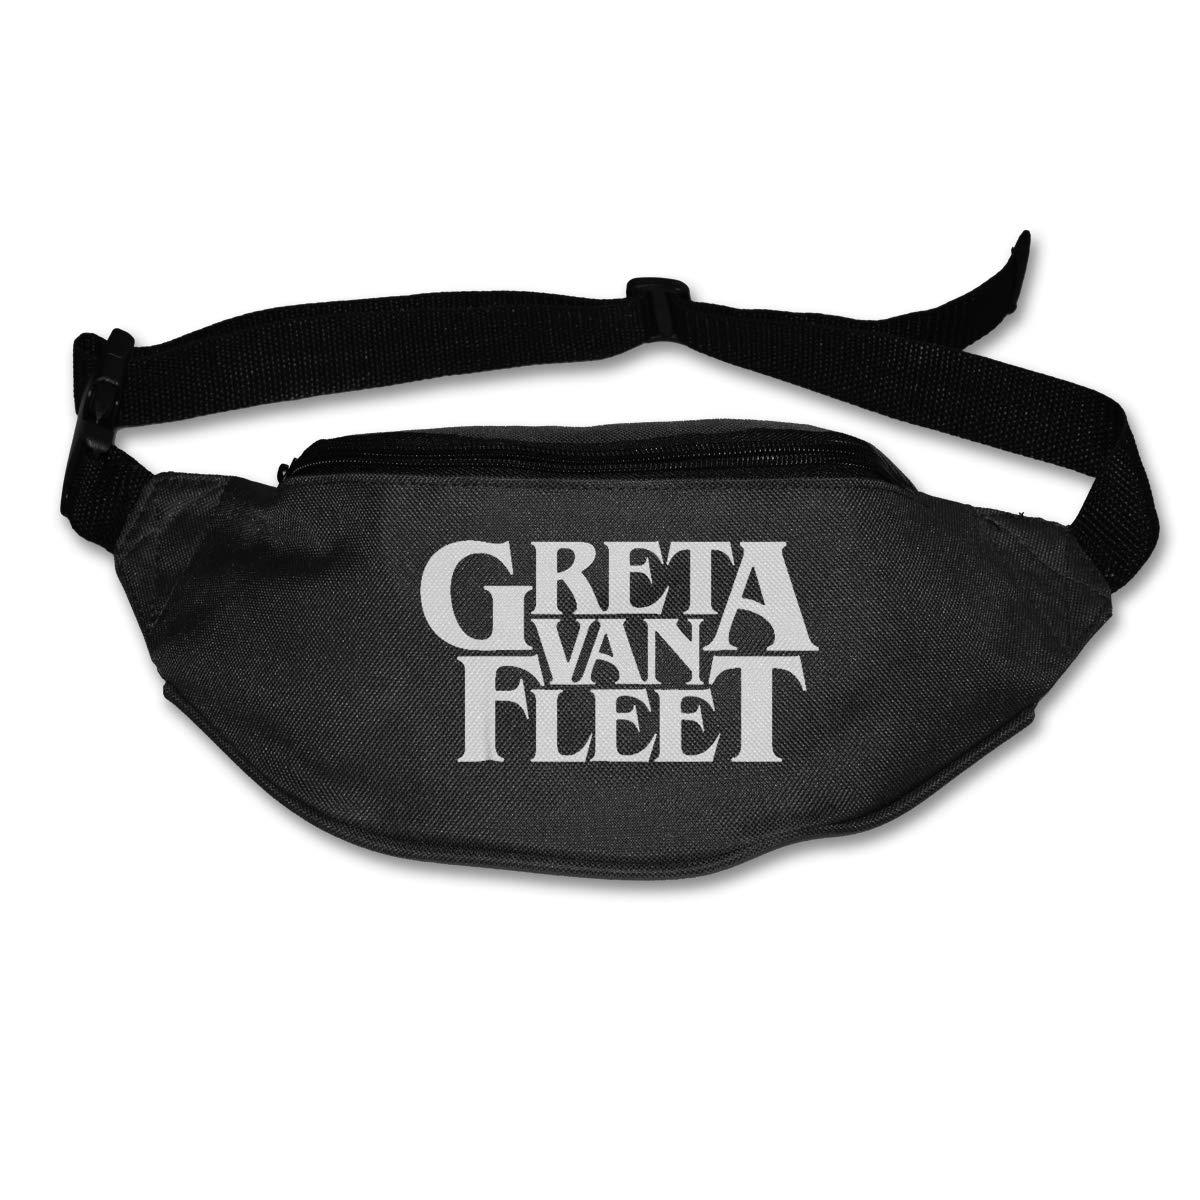 Greta Van Fleet Pack Waist Bag Travel Pocket Sling Chest Shoulder Bag Phone Holder Running Belt With Separate Pockets